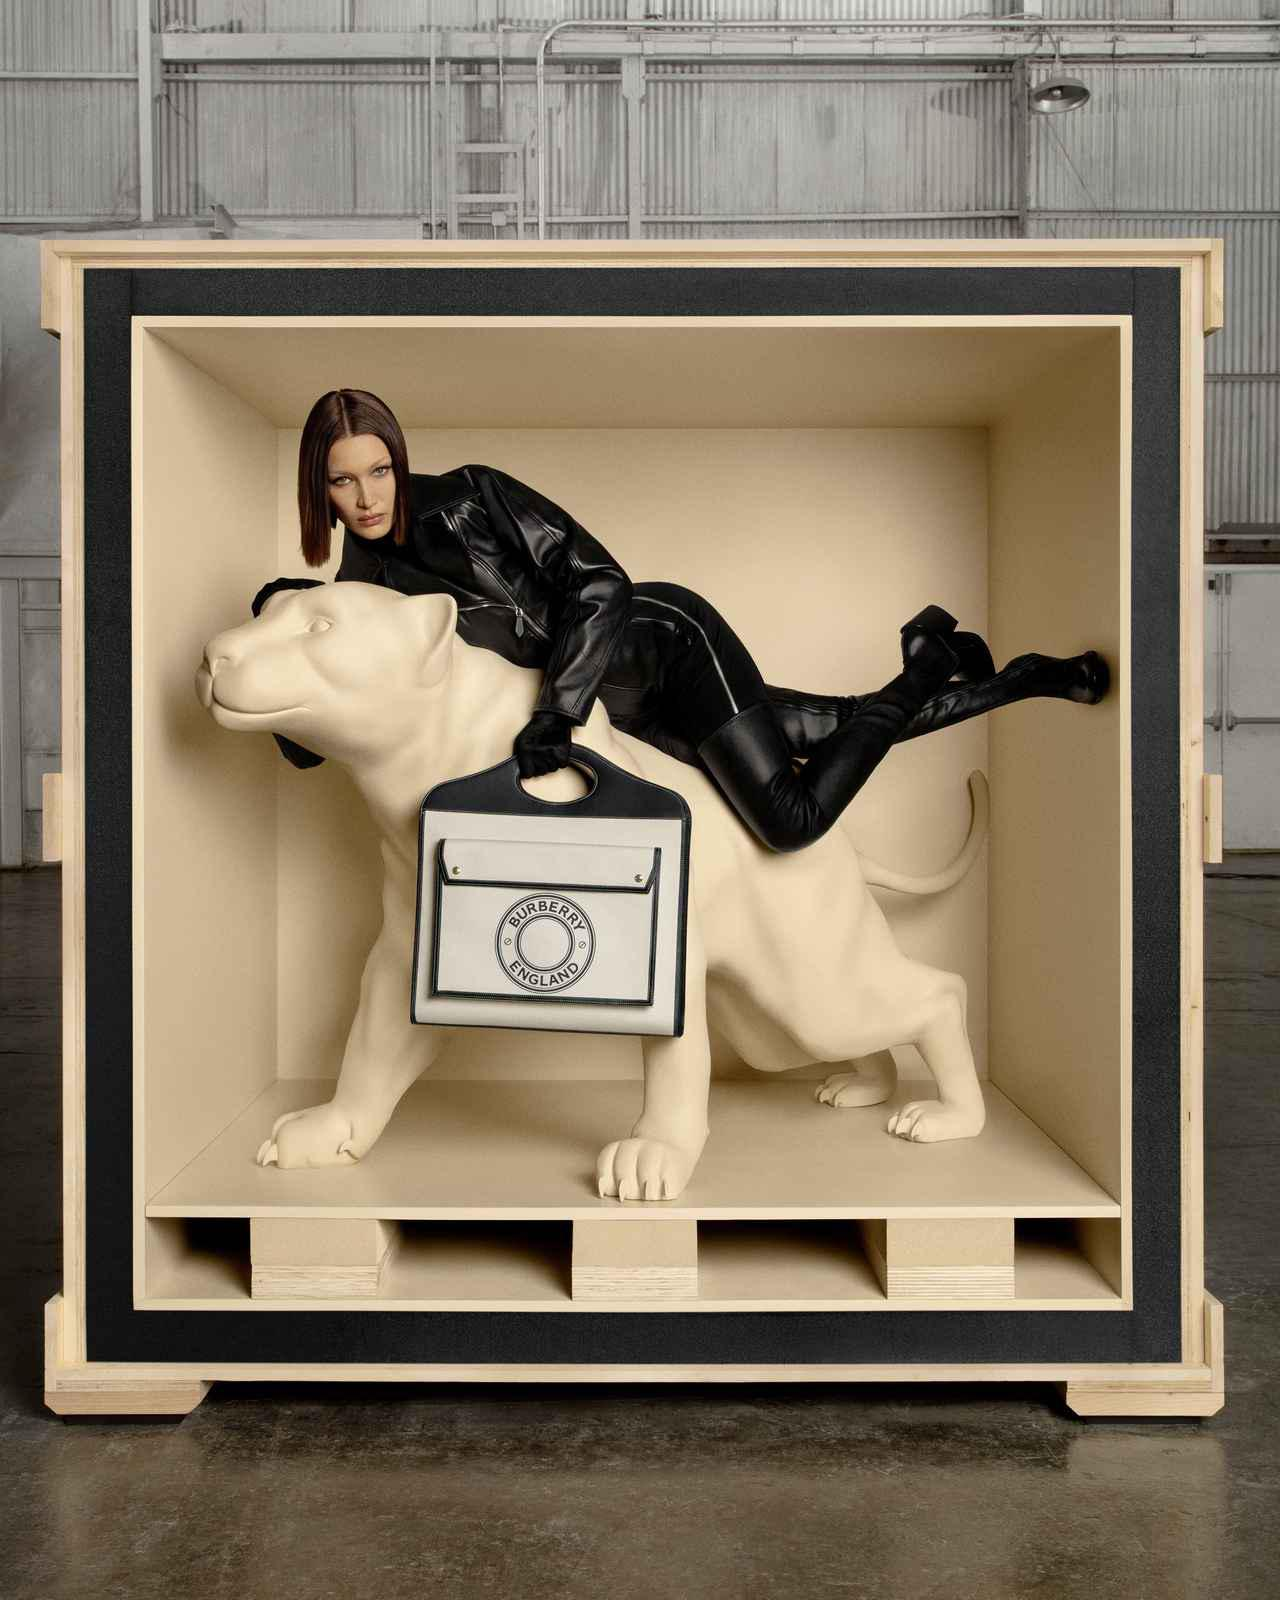 画像6: ベラ・ハディッドがバーバリーの広告塔に